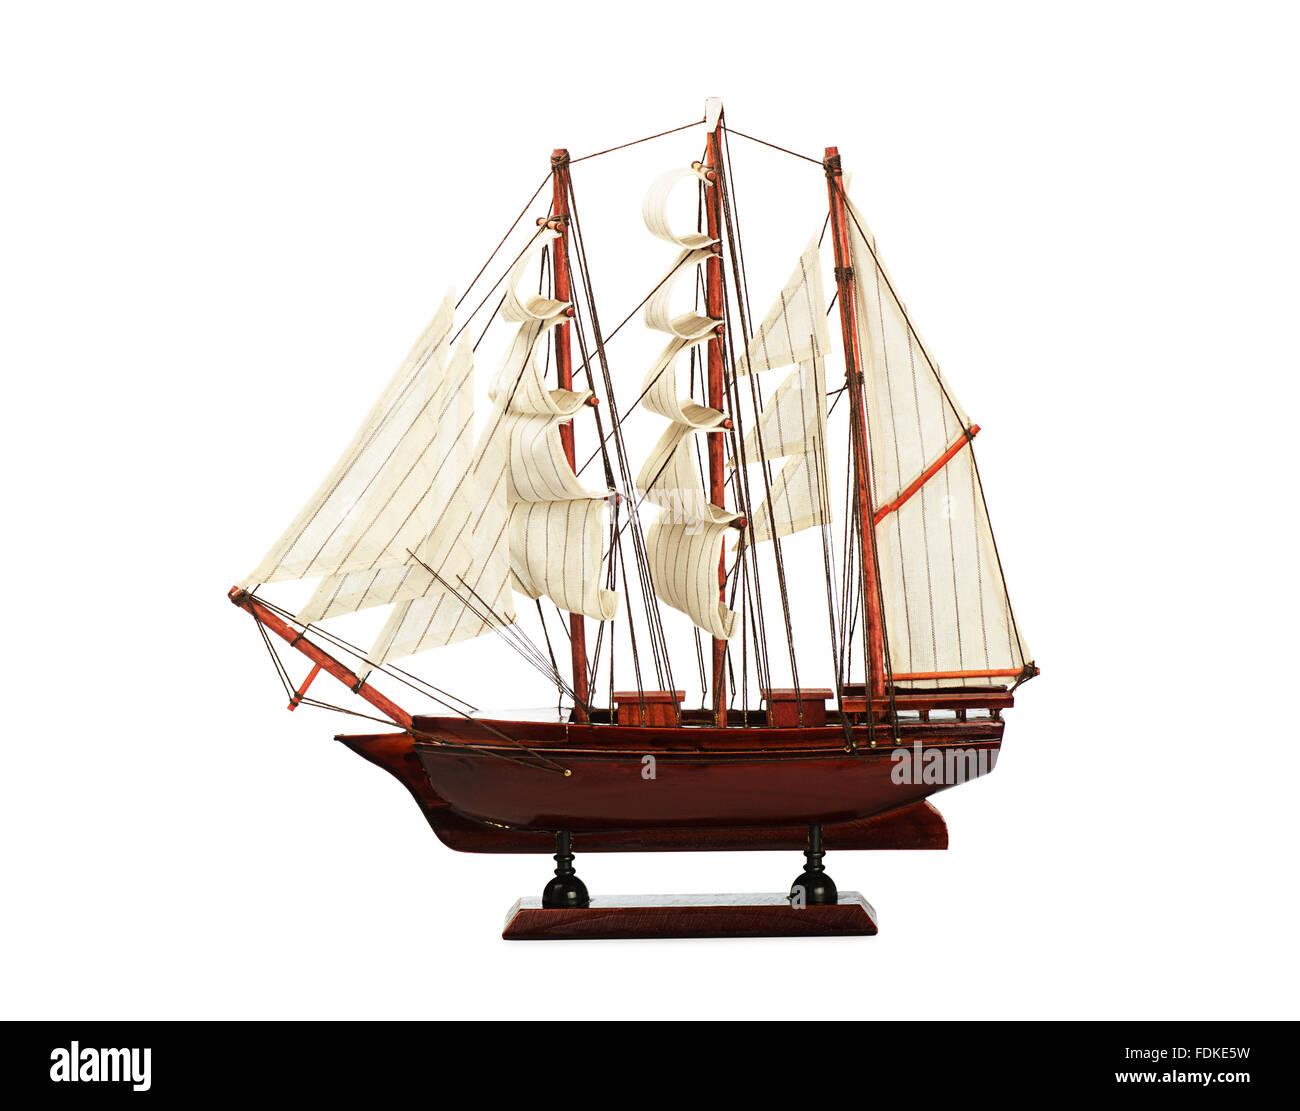 Ship model isolated on white background - Stock Image